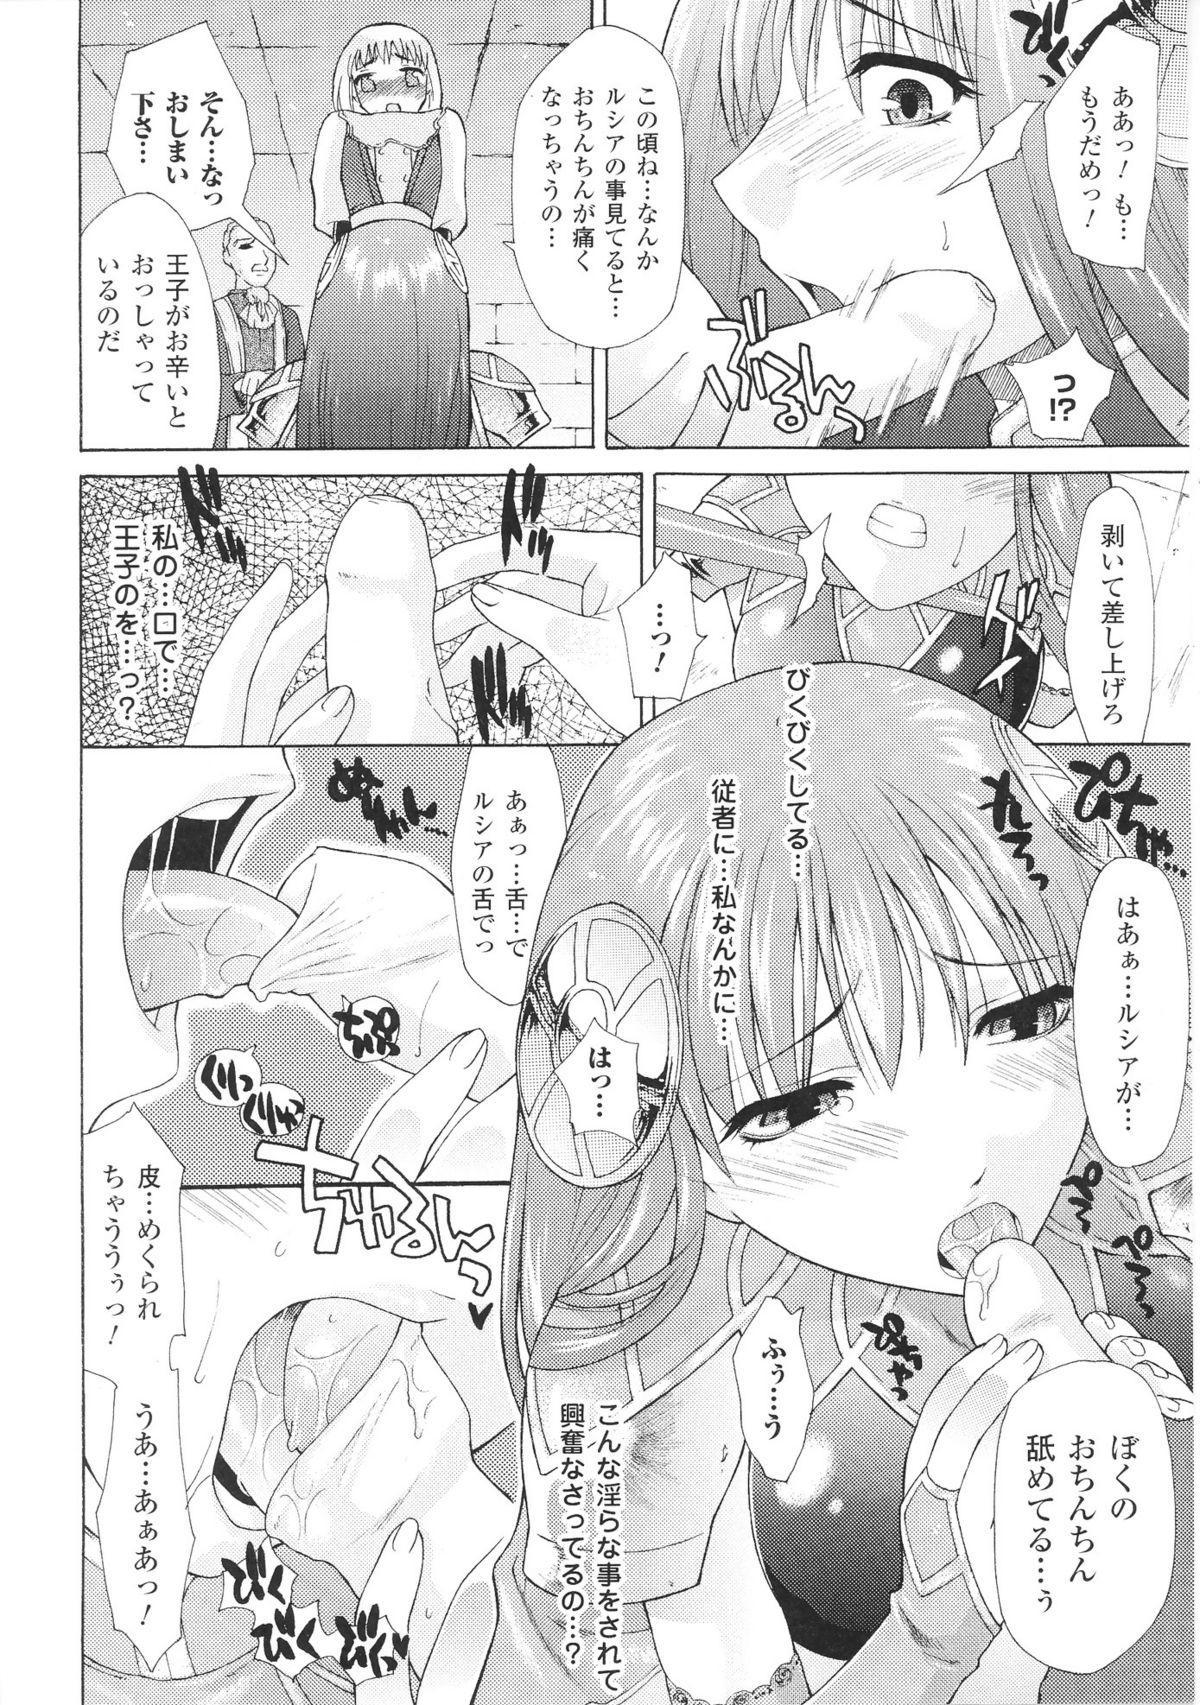 Toushin Engi Vol. 5 103